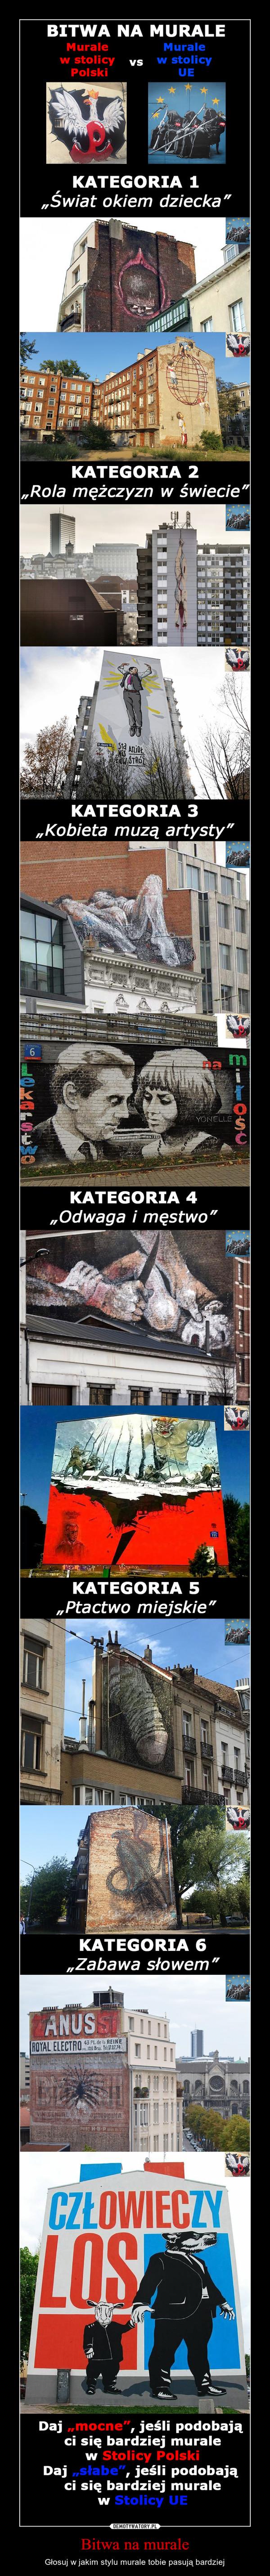 Bitwa na murale – Głosuj w jakim stylu murale tobie pasują bardziej Bitwa na murale murale w stolicy Polski vs. murale w stolicy UE Kategoria 1 Świat okiem dziecka. Kategoria 2 Rola mężczyzn w świecie Kategoria 3 Kobieta muzą artysty. Lekarstwo na miłość. Kategoria 4 Odwaga i męstwo Kategoria 5 ptactwo miejskie Kategoria 6 zabawa słowem Zanussi royal electro Człowieczy los Daj mocne, jeżeli bardziej podobają ci się murale w stolicy Polski. Daj słabe, jeśli podobają ci się murale w stolicy UE